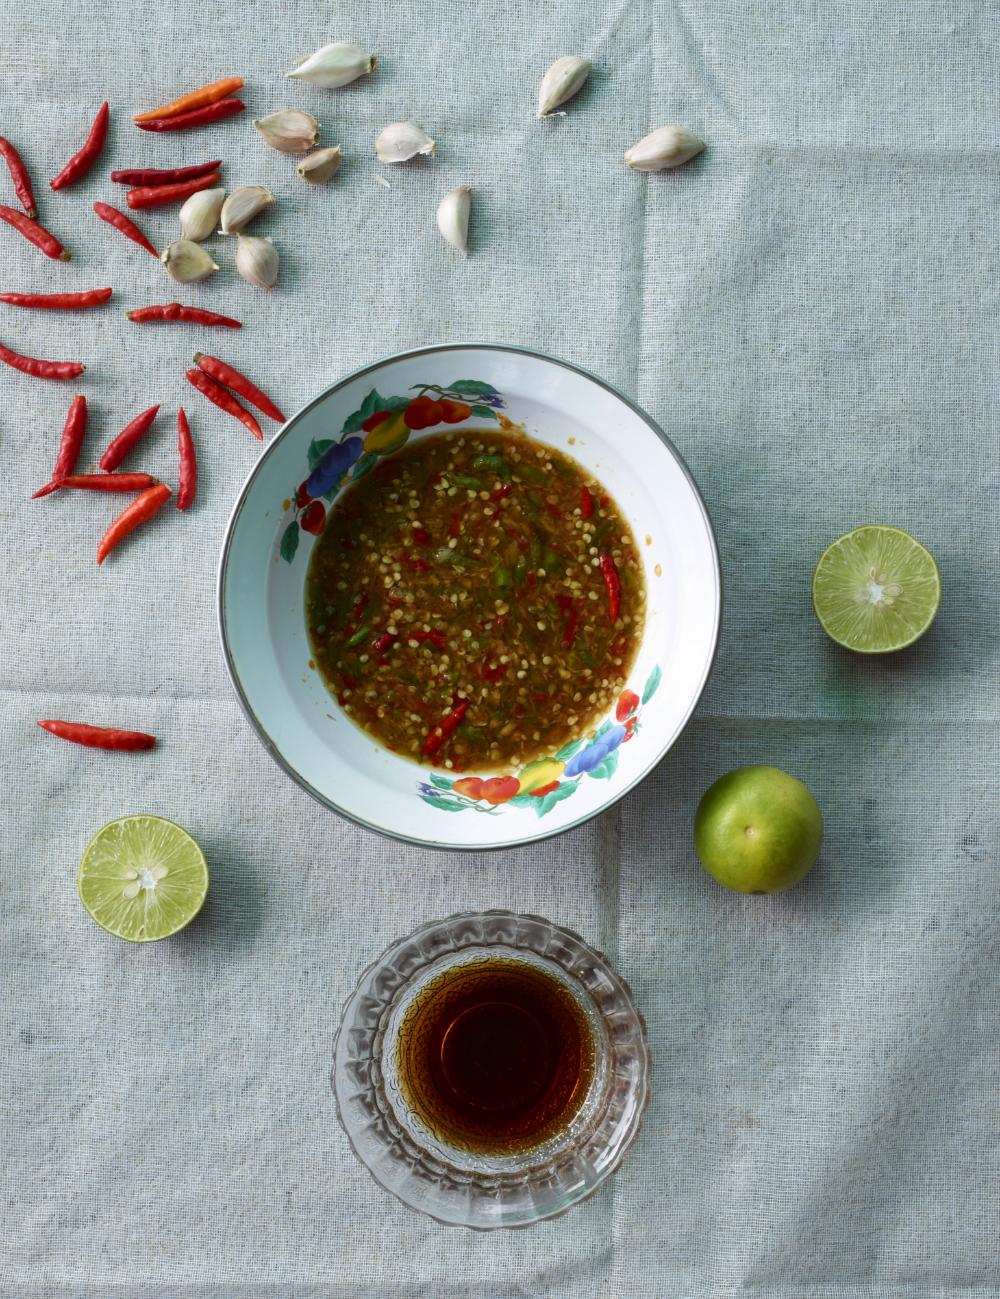 Pastes and Sauces: Very Spicy Thai Dipping Sauce. Photography: Jean-Pierre Gabriel für Schnell und Einfach: Thailändische Küche | Arthurs Tochter kocht. von Astrid Paul